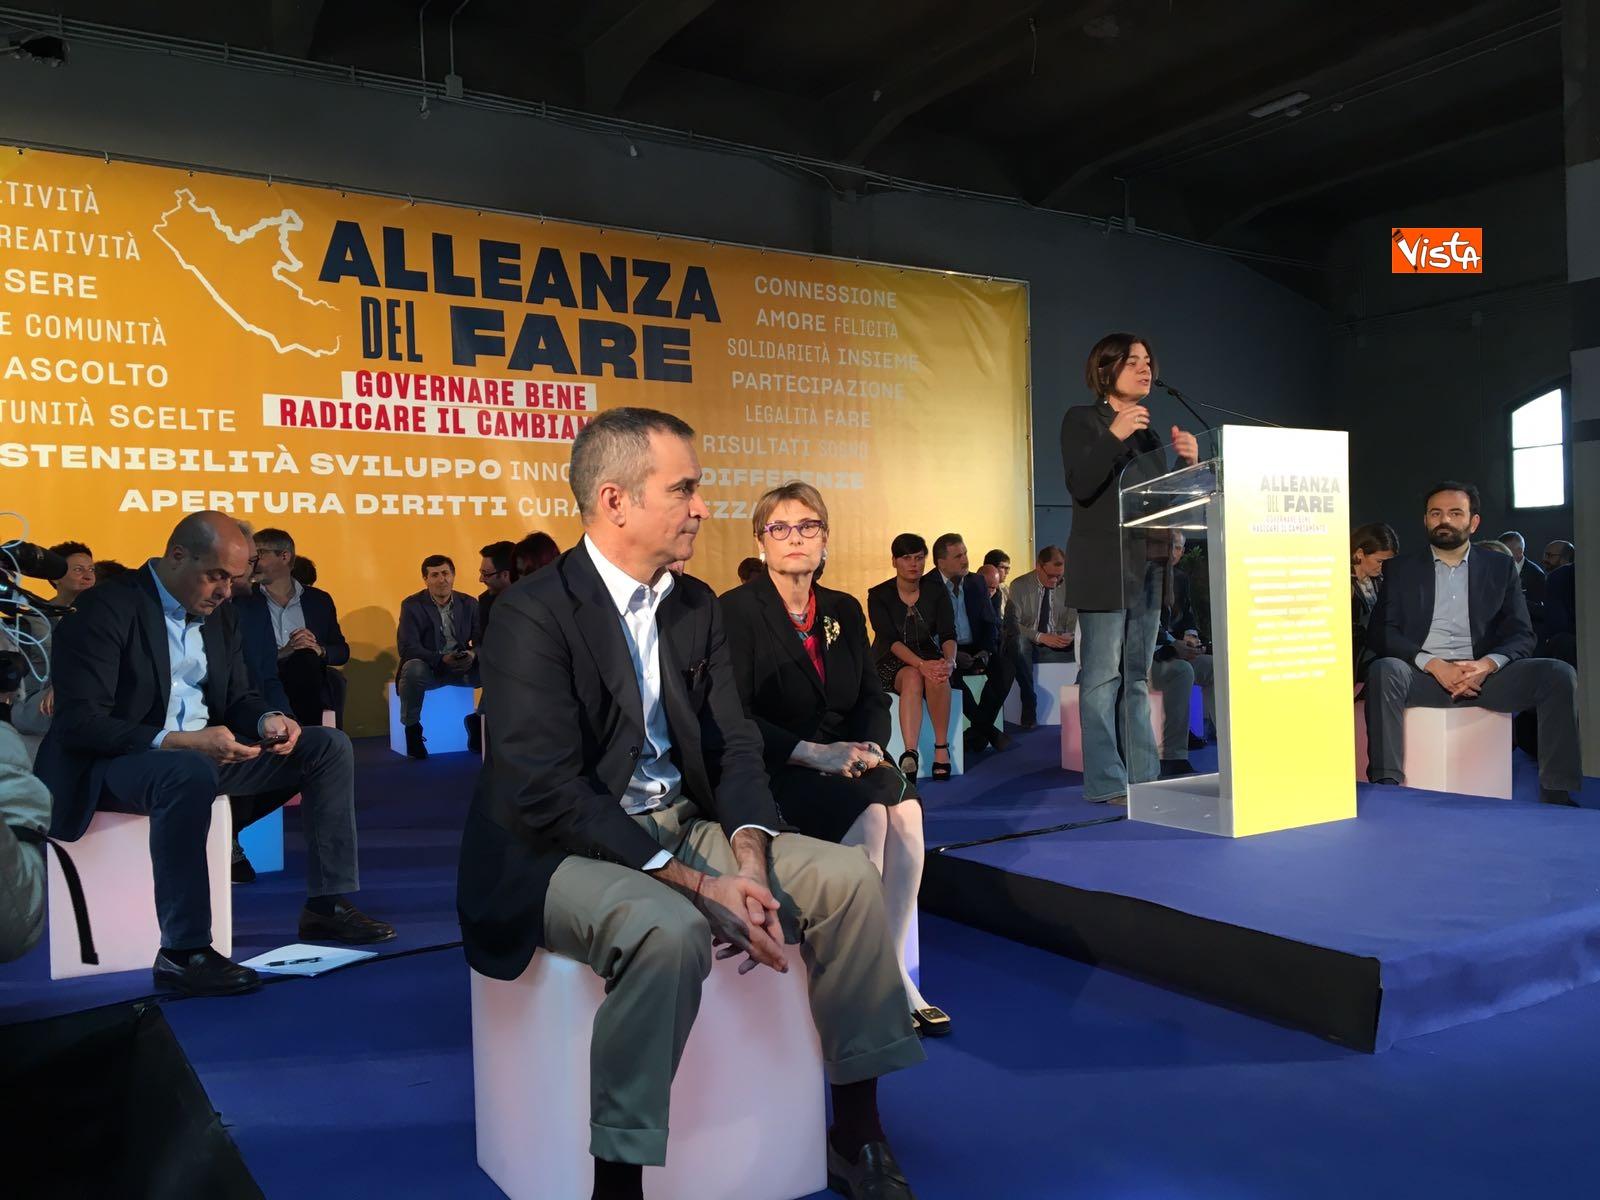 Zingaretti lancia l Alleanza del fare in vista delle amministrative del 10 giugno 7